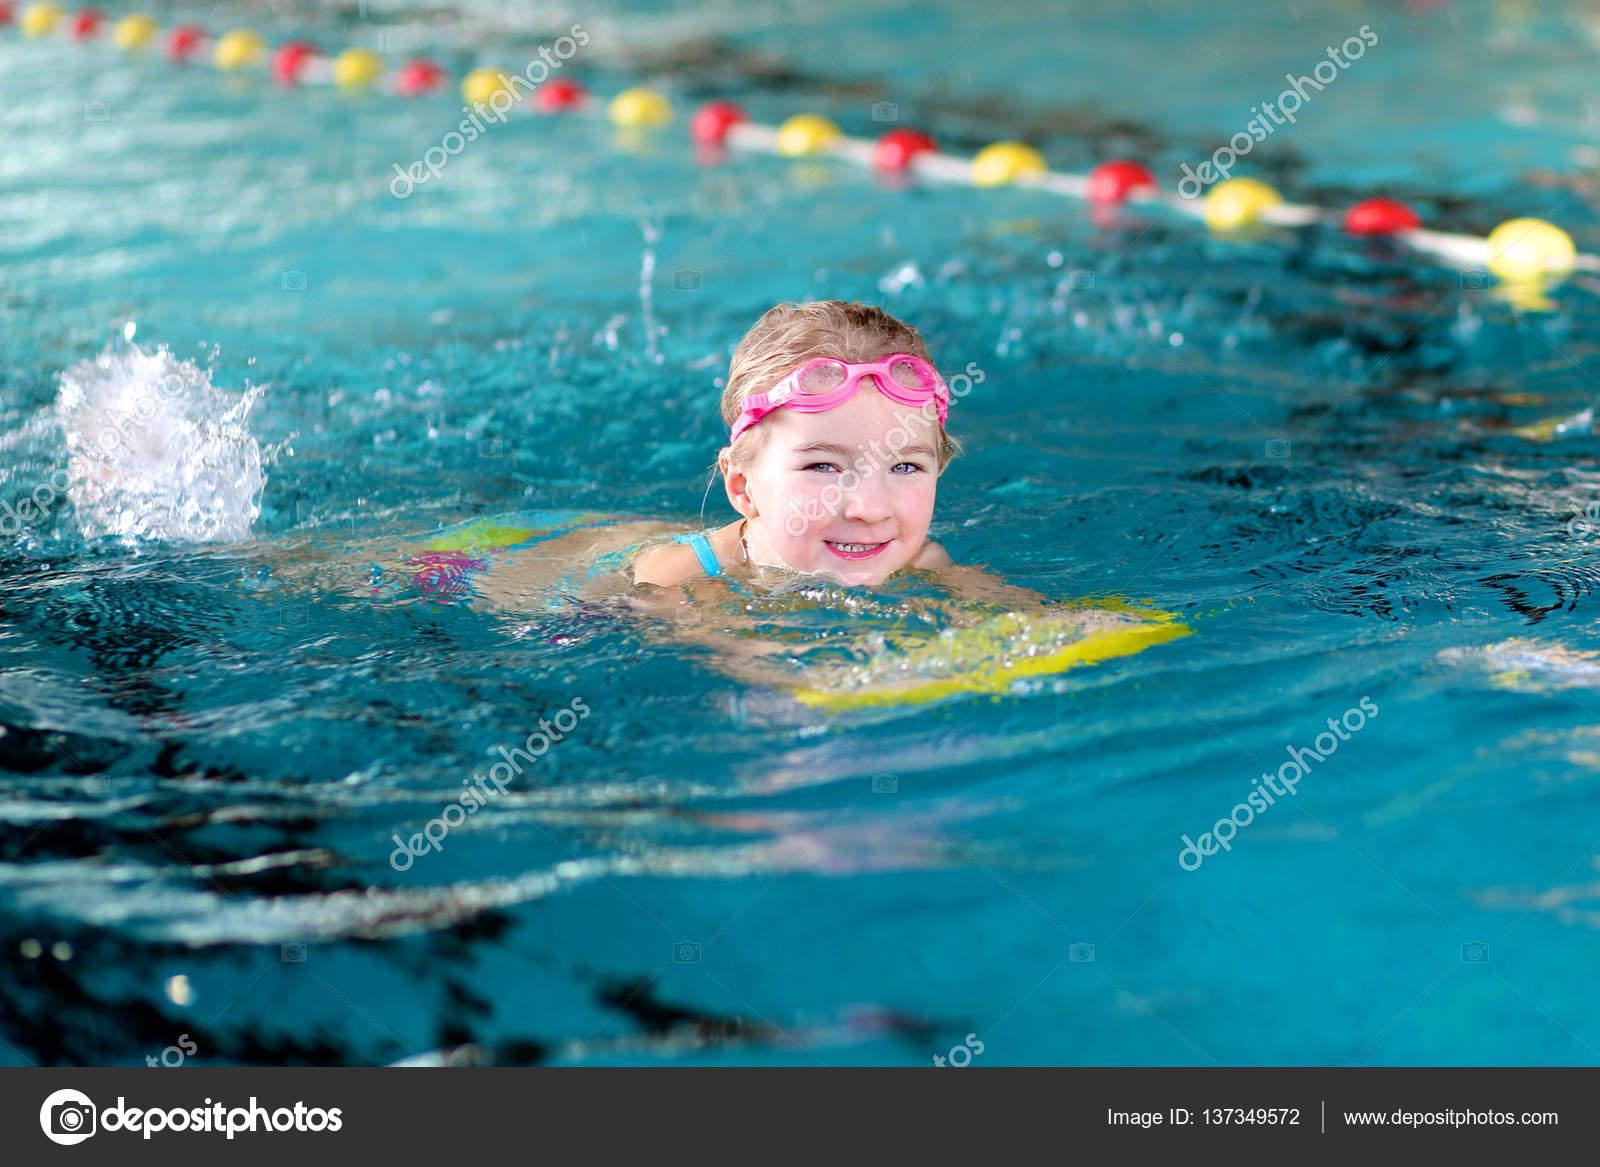 Ni a de nadador en la piscina fotos de stock cromary for Fotos follando en la piscina